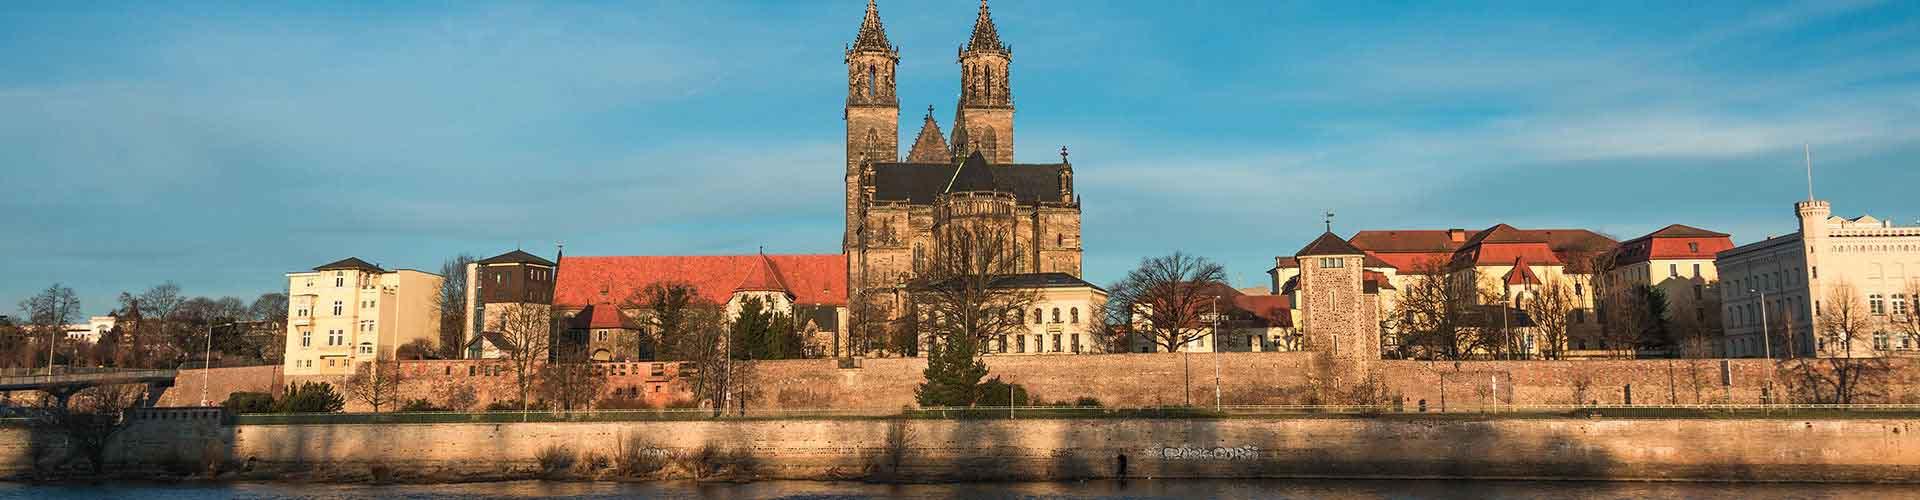 Magdeburgo - Hostales en Magdeburgo. Mapas de Magdeburgo, Fotos y comentarios de cada Hostal en Magdeburgo.